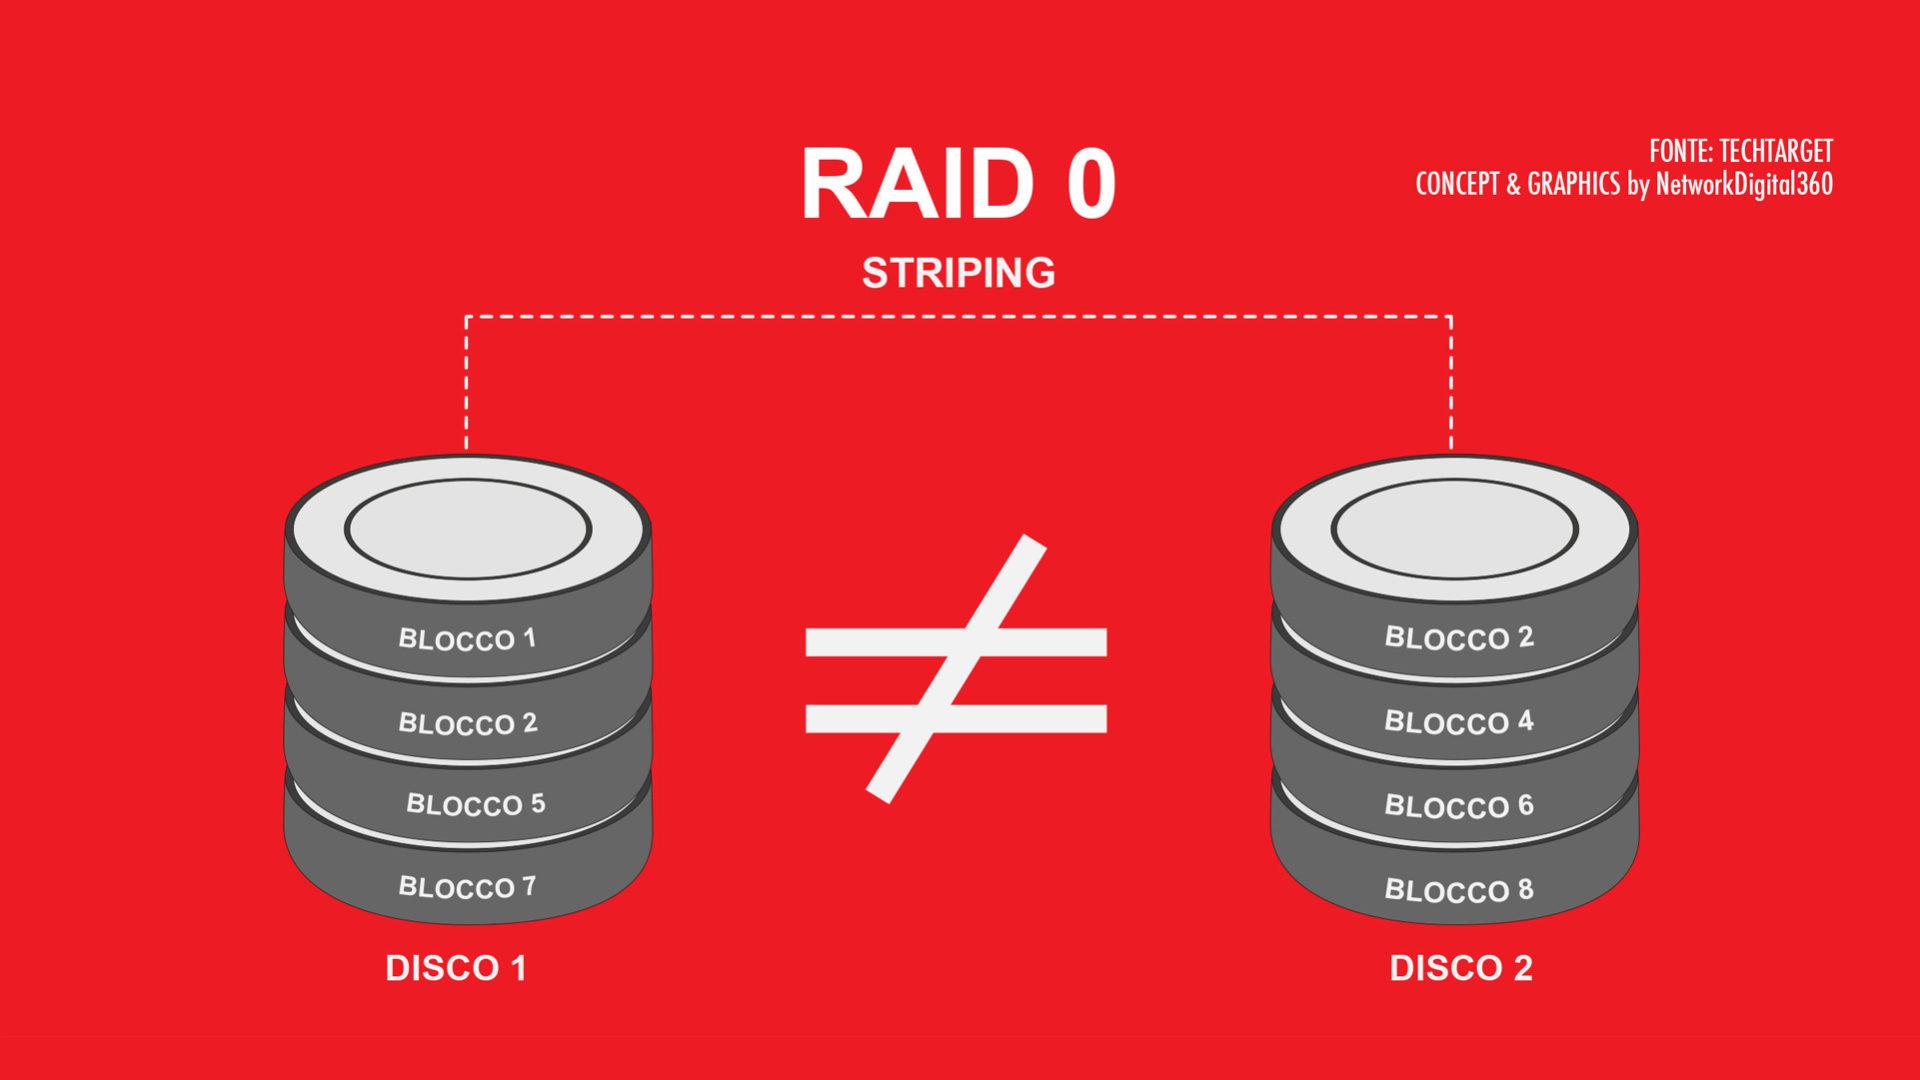 grafica che mostra raid 0